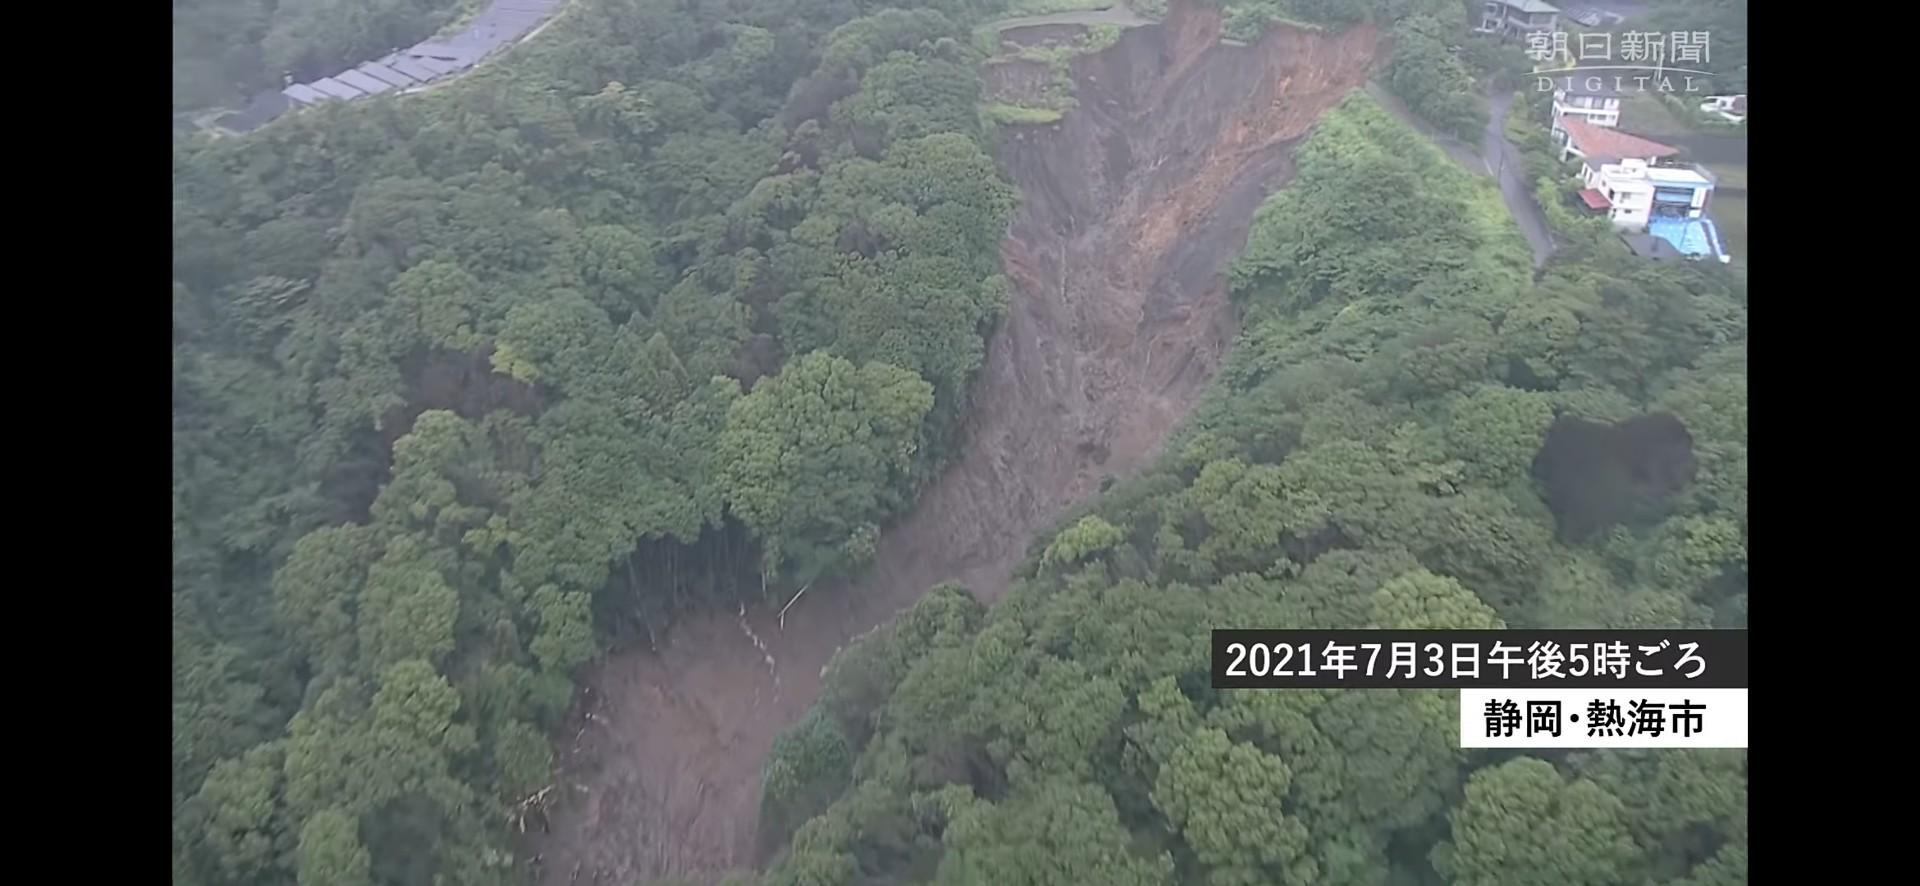 【速報】静岡県熱海市で土石流発生 民家などが押し流される 80世帯流され、20人程度が安否不明、2人心肺停止